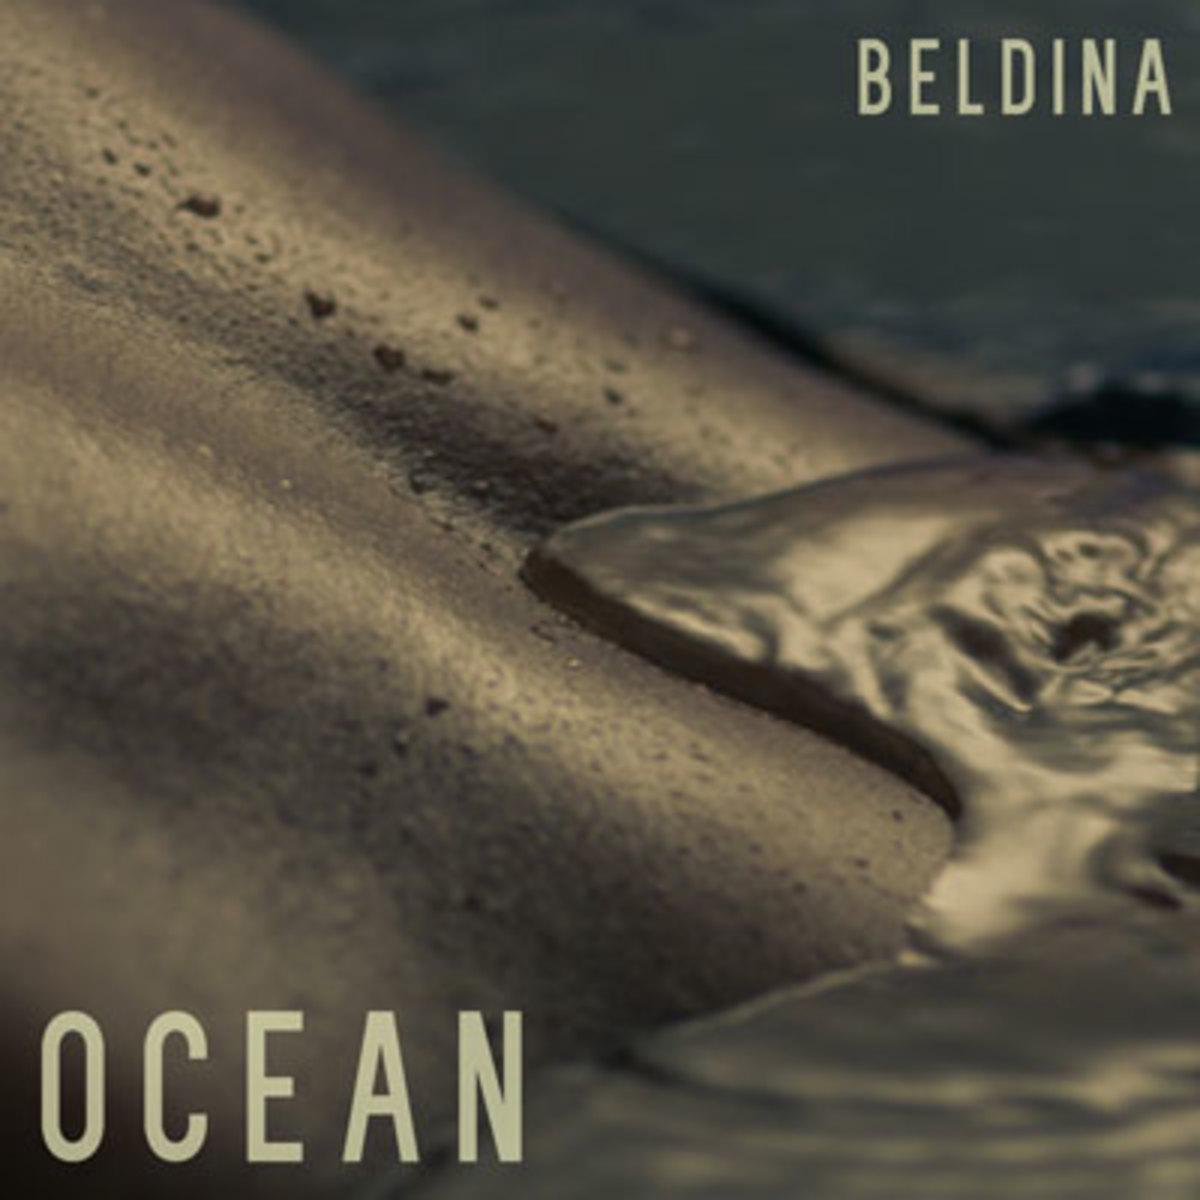 beldina-ocean.jpg